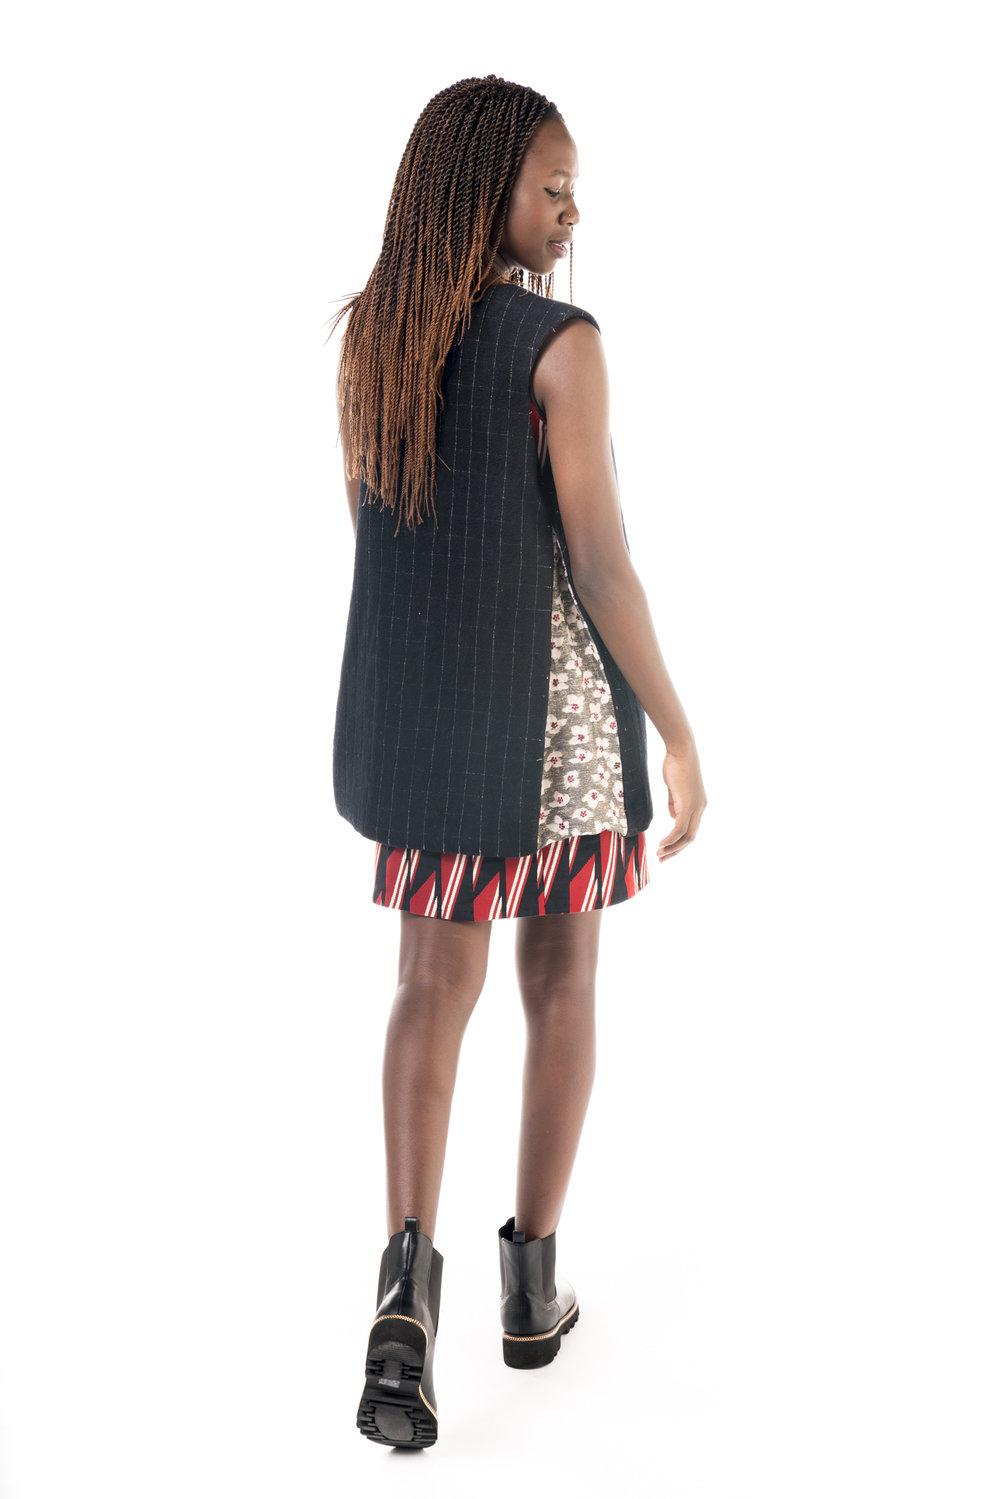 Dubay_Fashion_MinaSmithHodzik_WEB (17 of 89).jpg